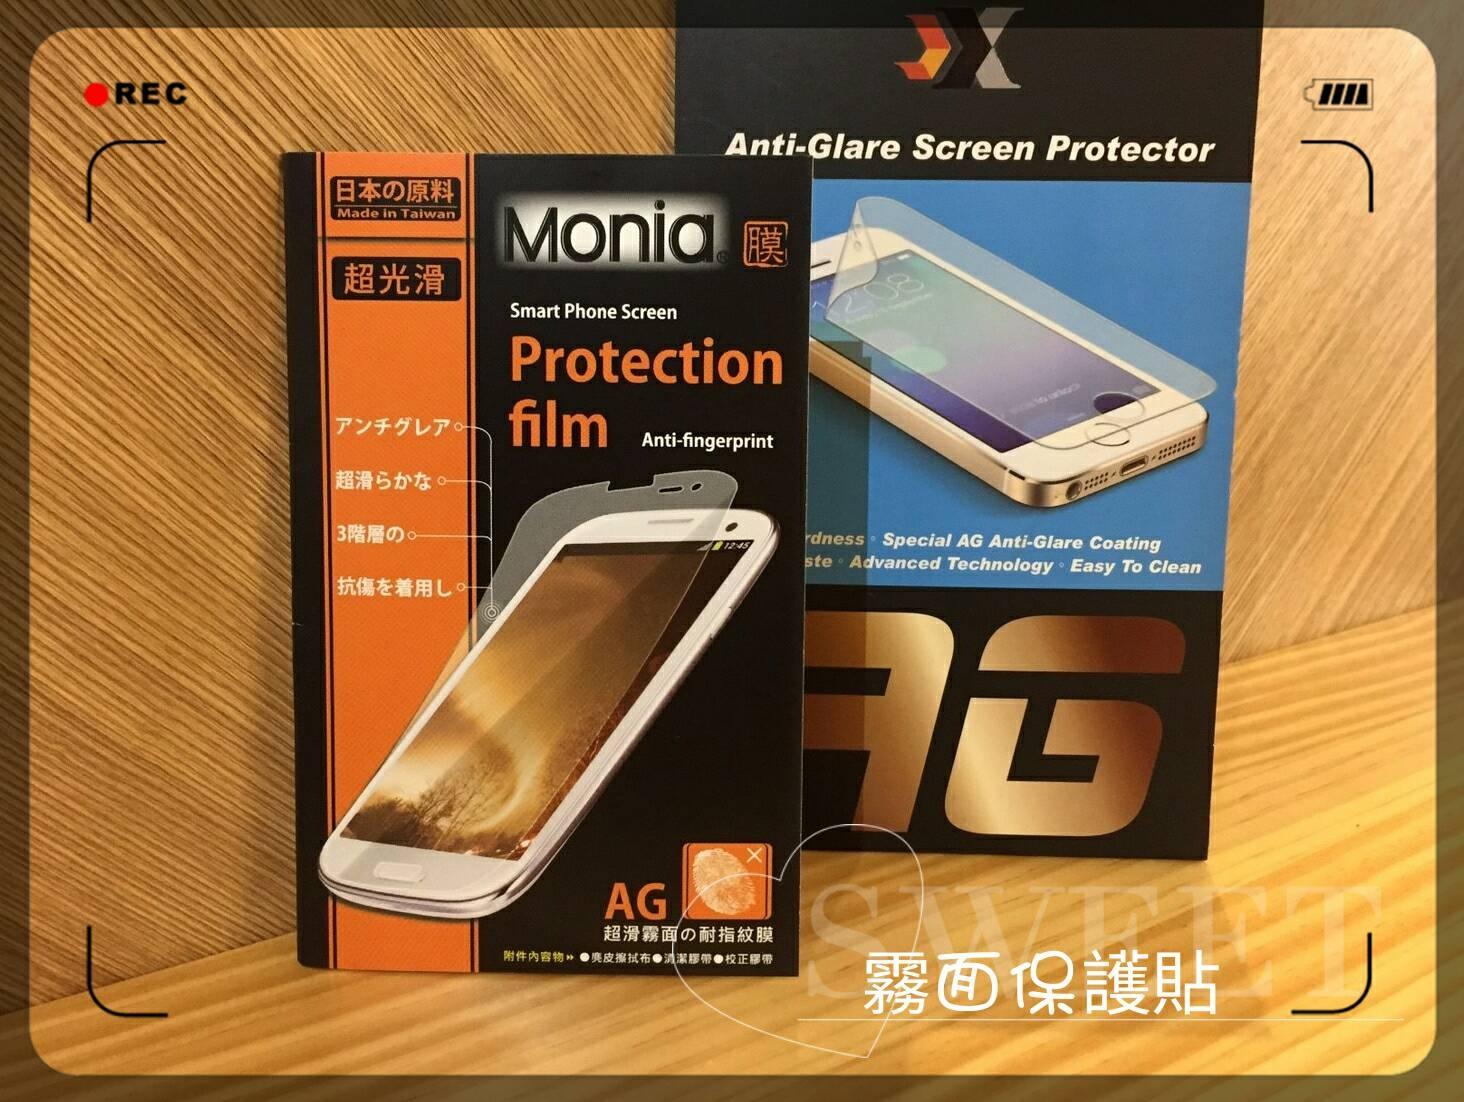 霧面保護貼SAMSUNG Tab Pro 10.1 T520 WIFI版10.1吋平板保護貼防指紋保護貼保護膜螢幕貼霧面貼